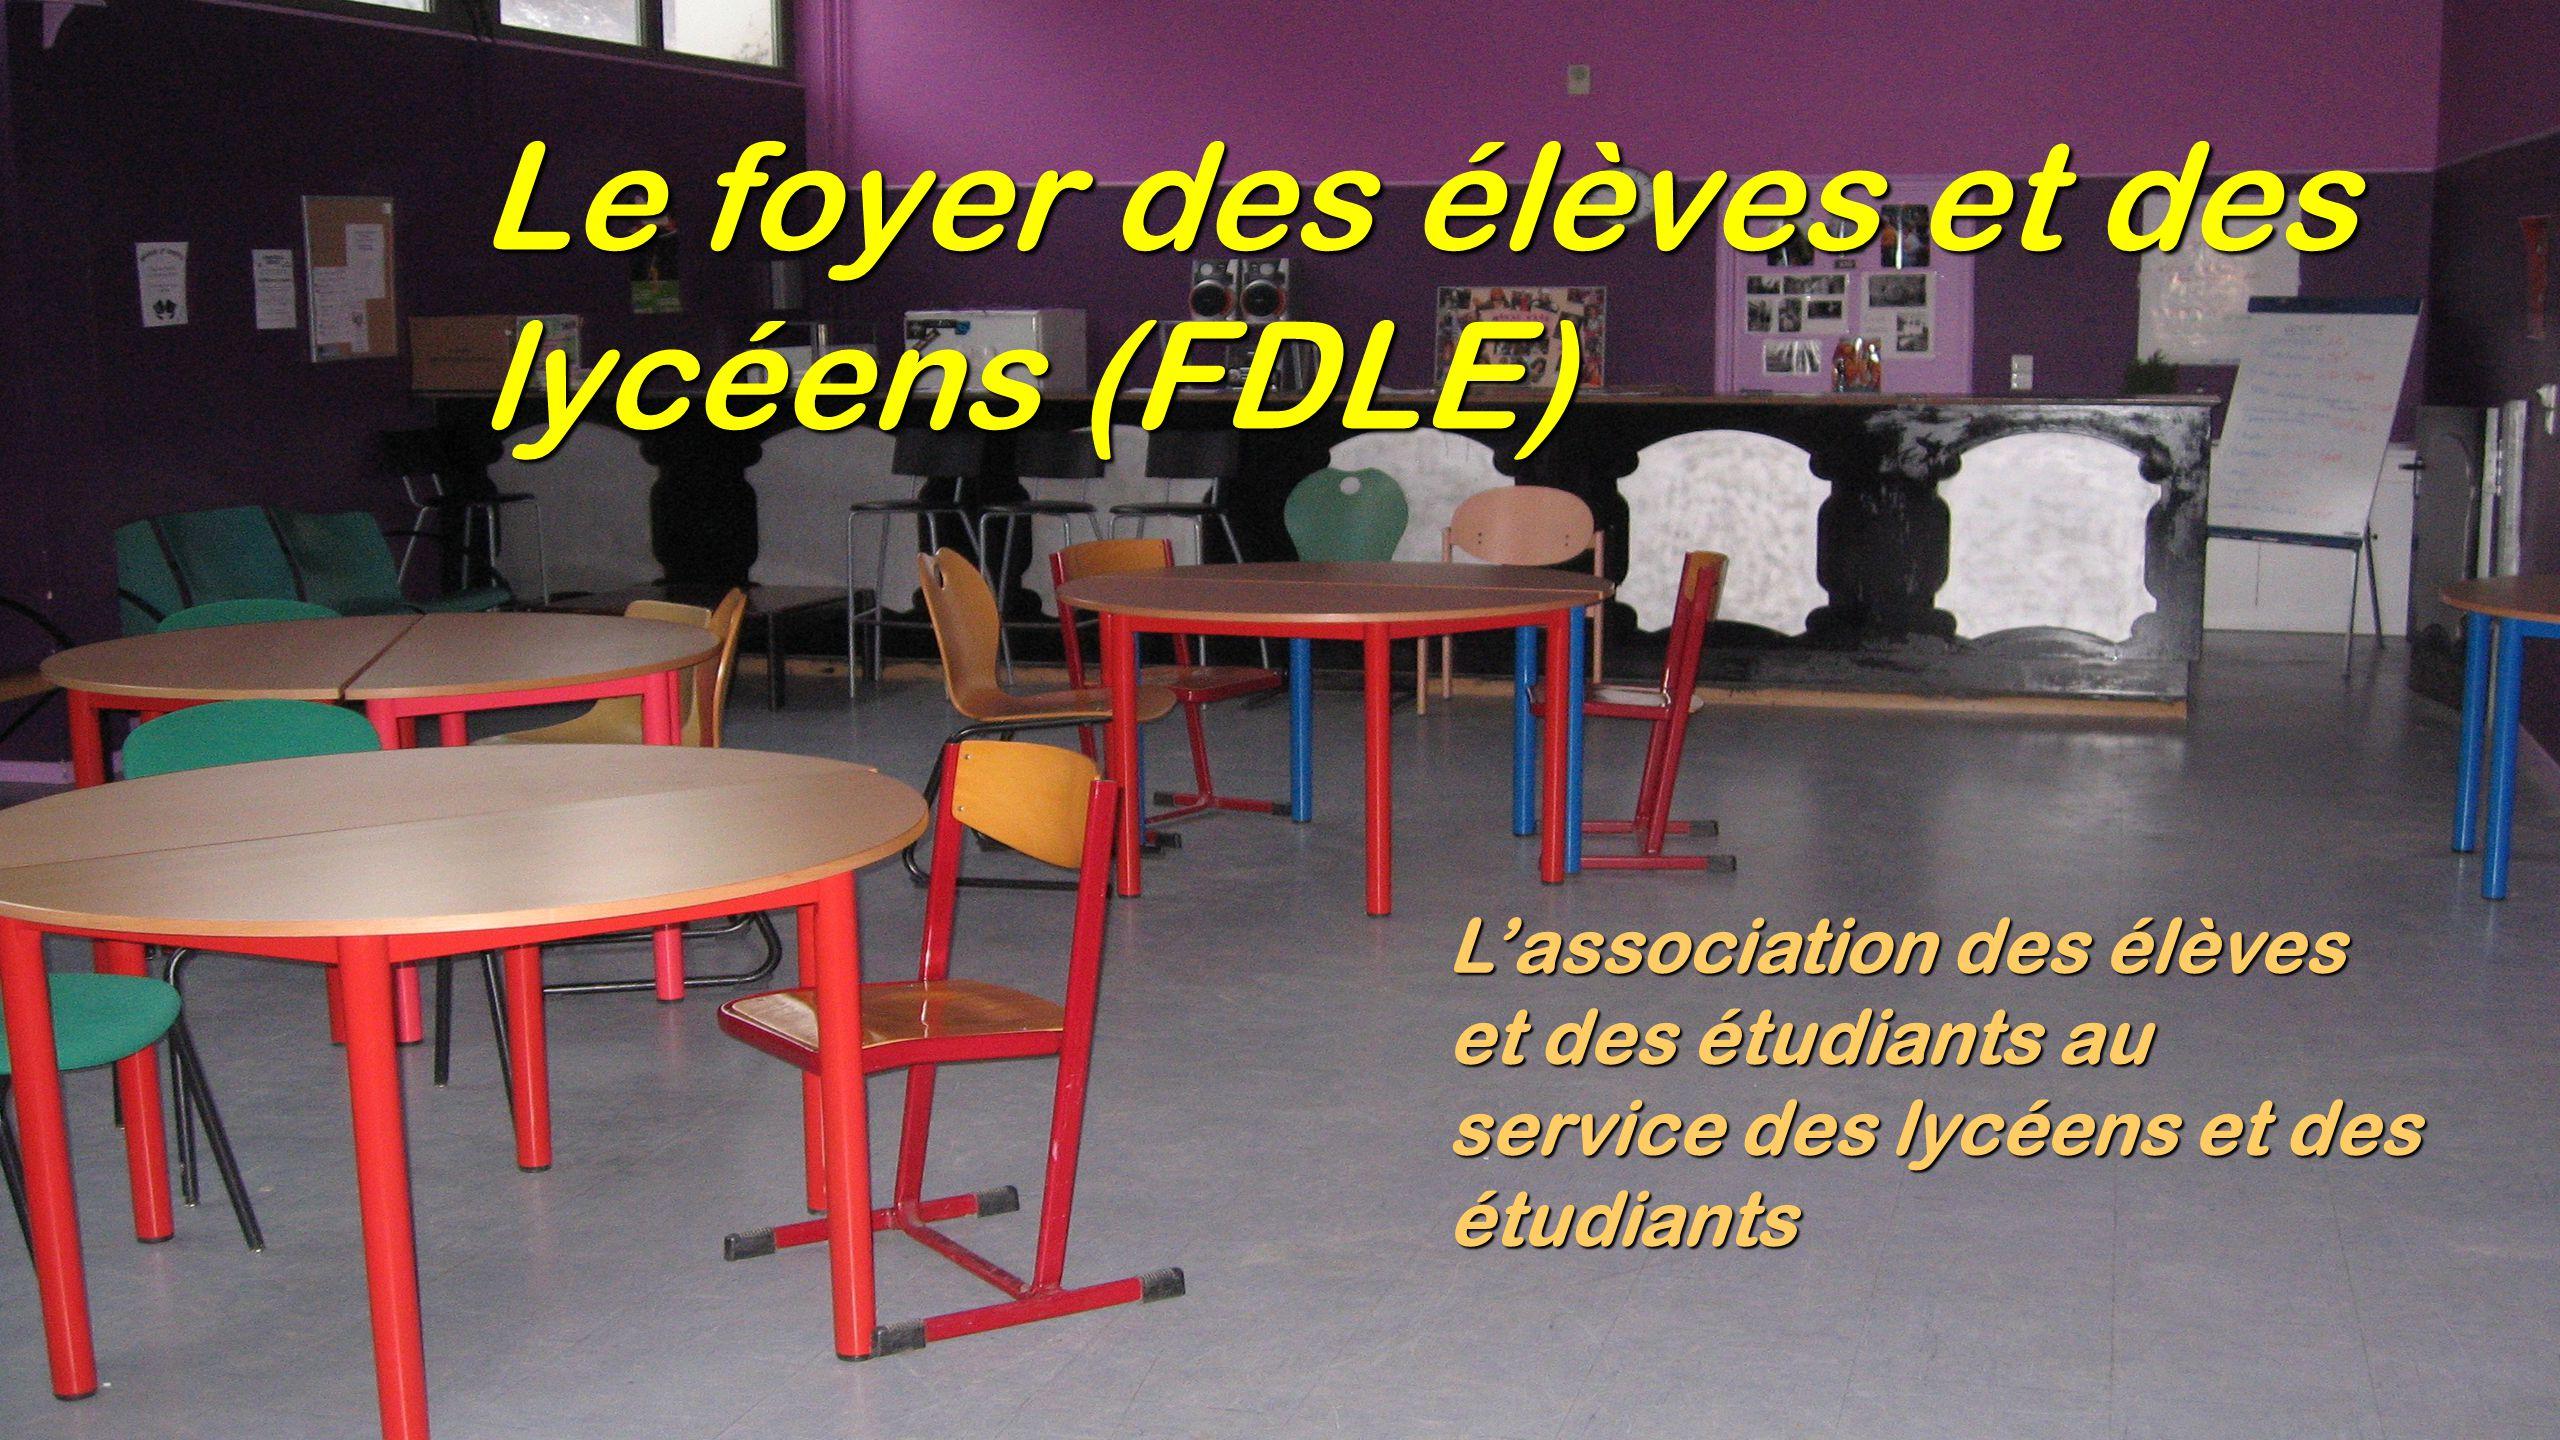 Le foyer des élèves et des lycéens (FDLE)